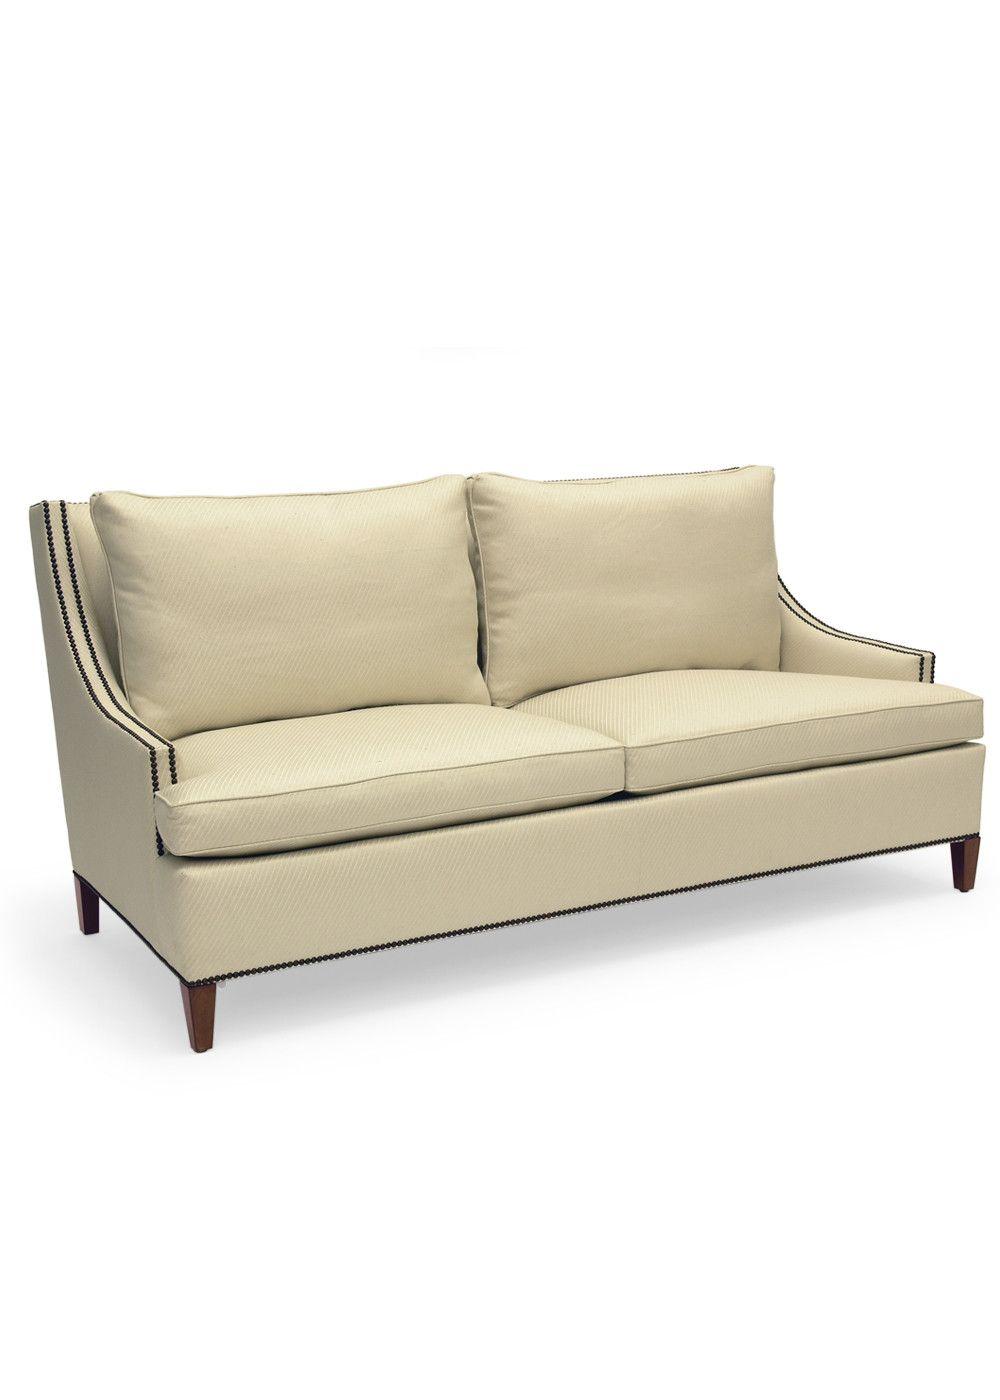 Mindora Sofa Gd0909 By Gerard Sofas Dessin Fournir Companies